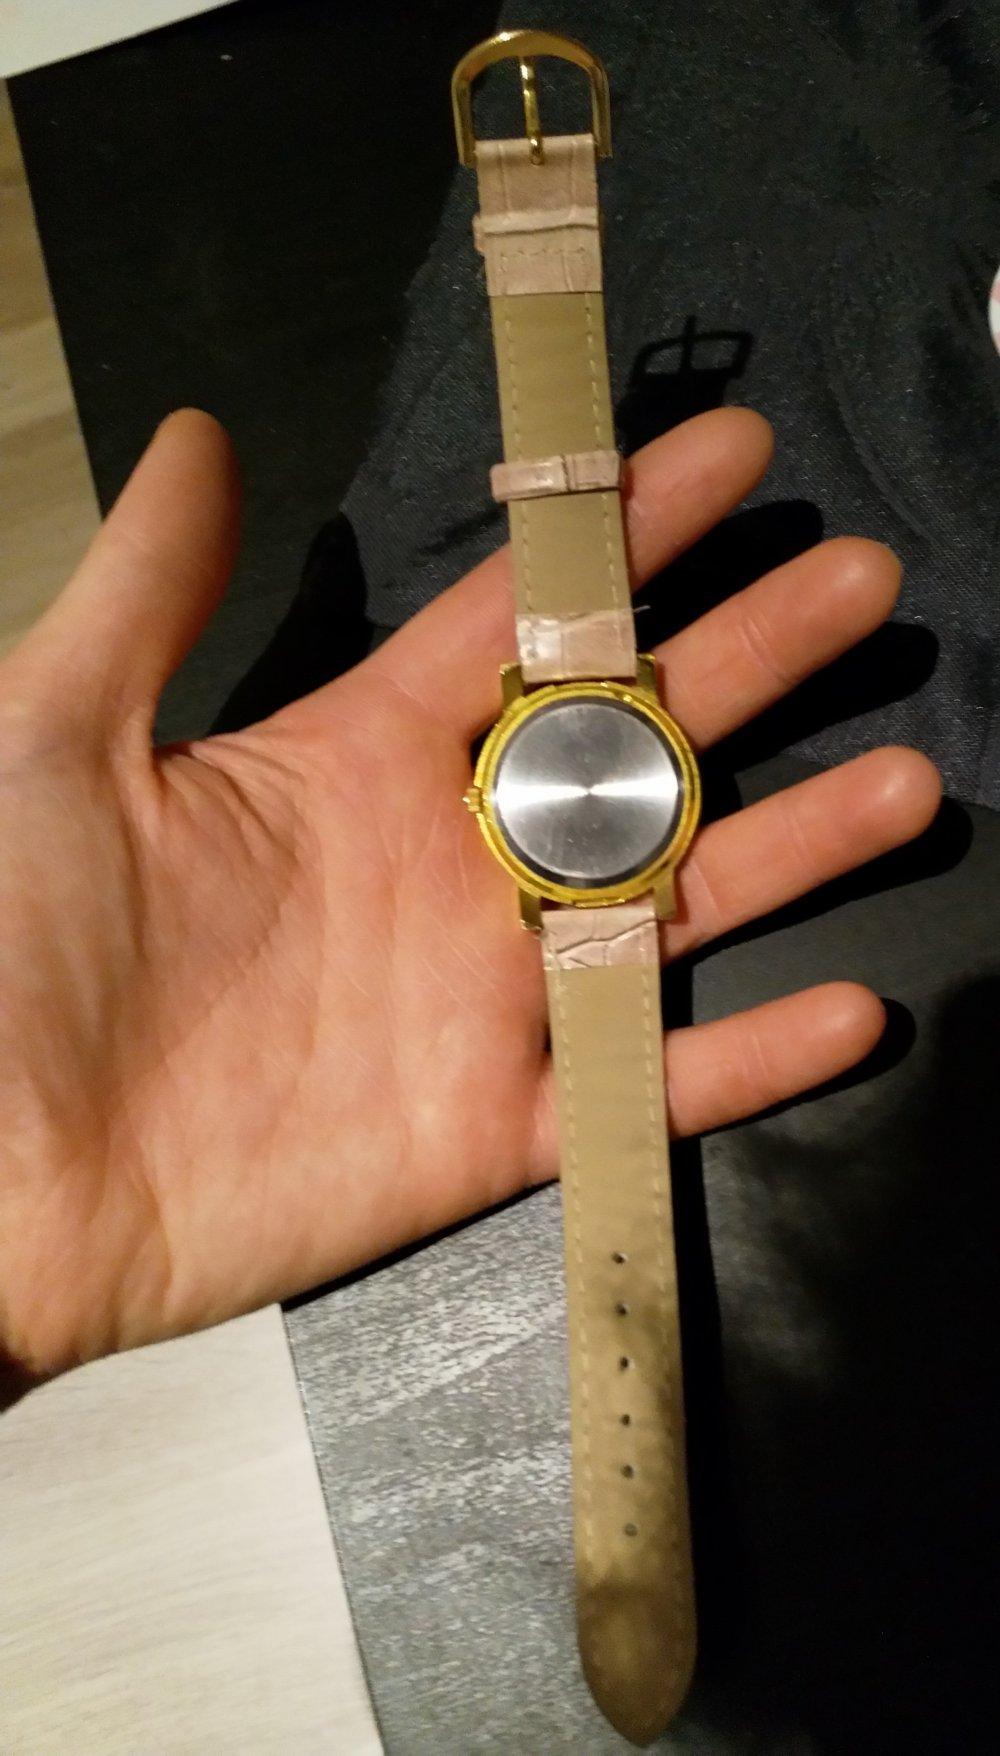 d8f476bf0d Damen Armbanduhr von Bader limited edition Damen Armbanduhr von Bader  limited edition .